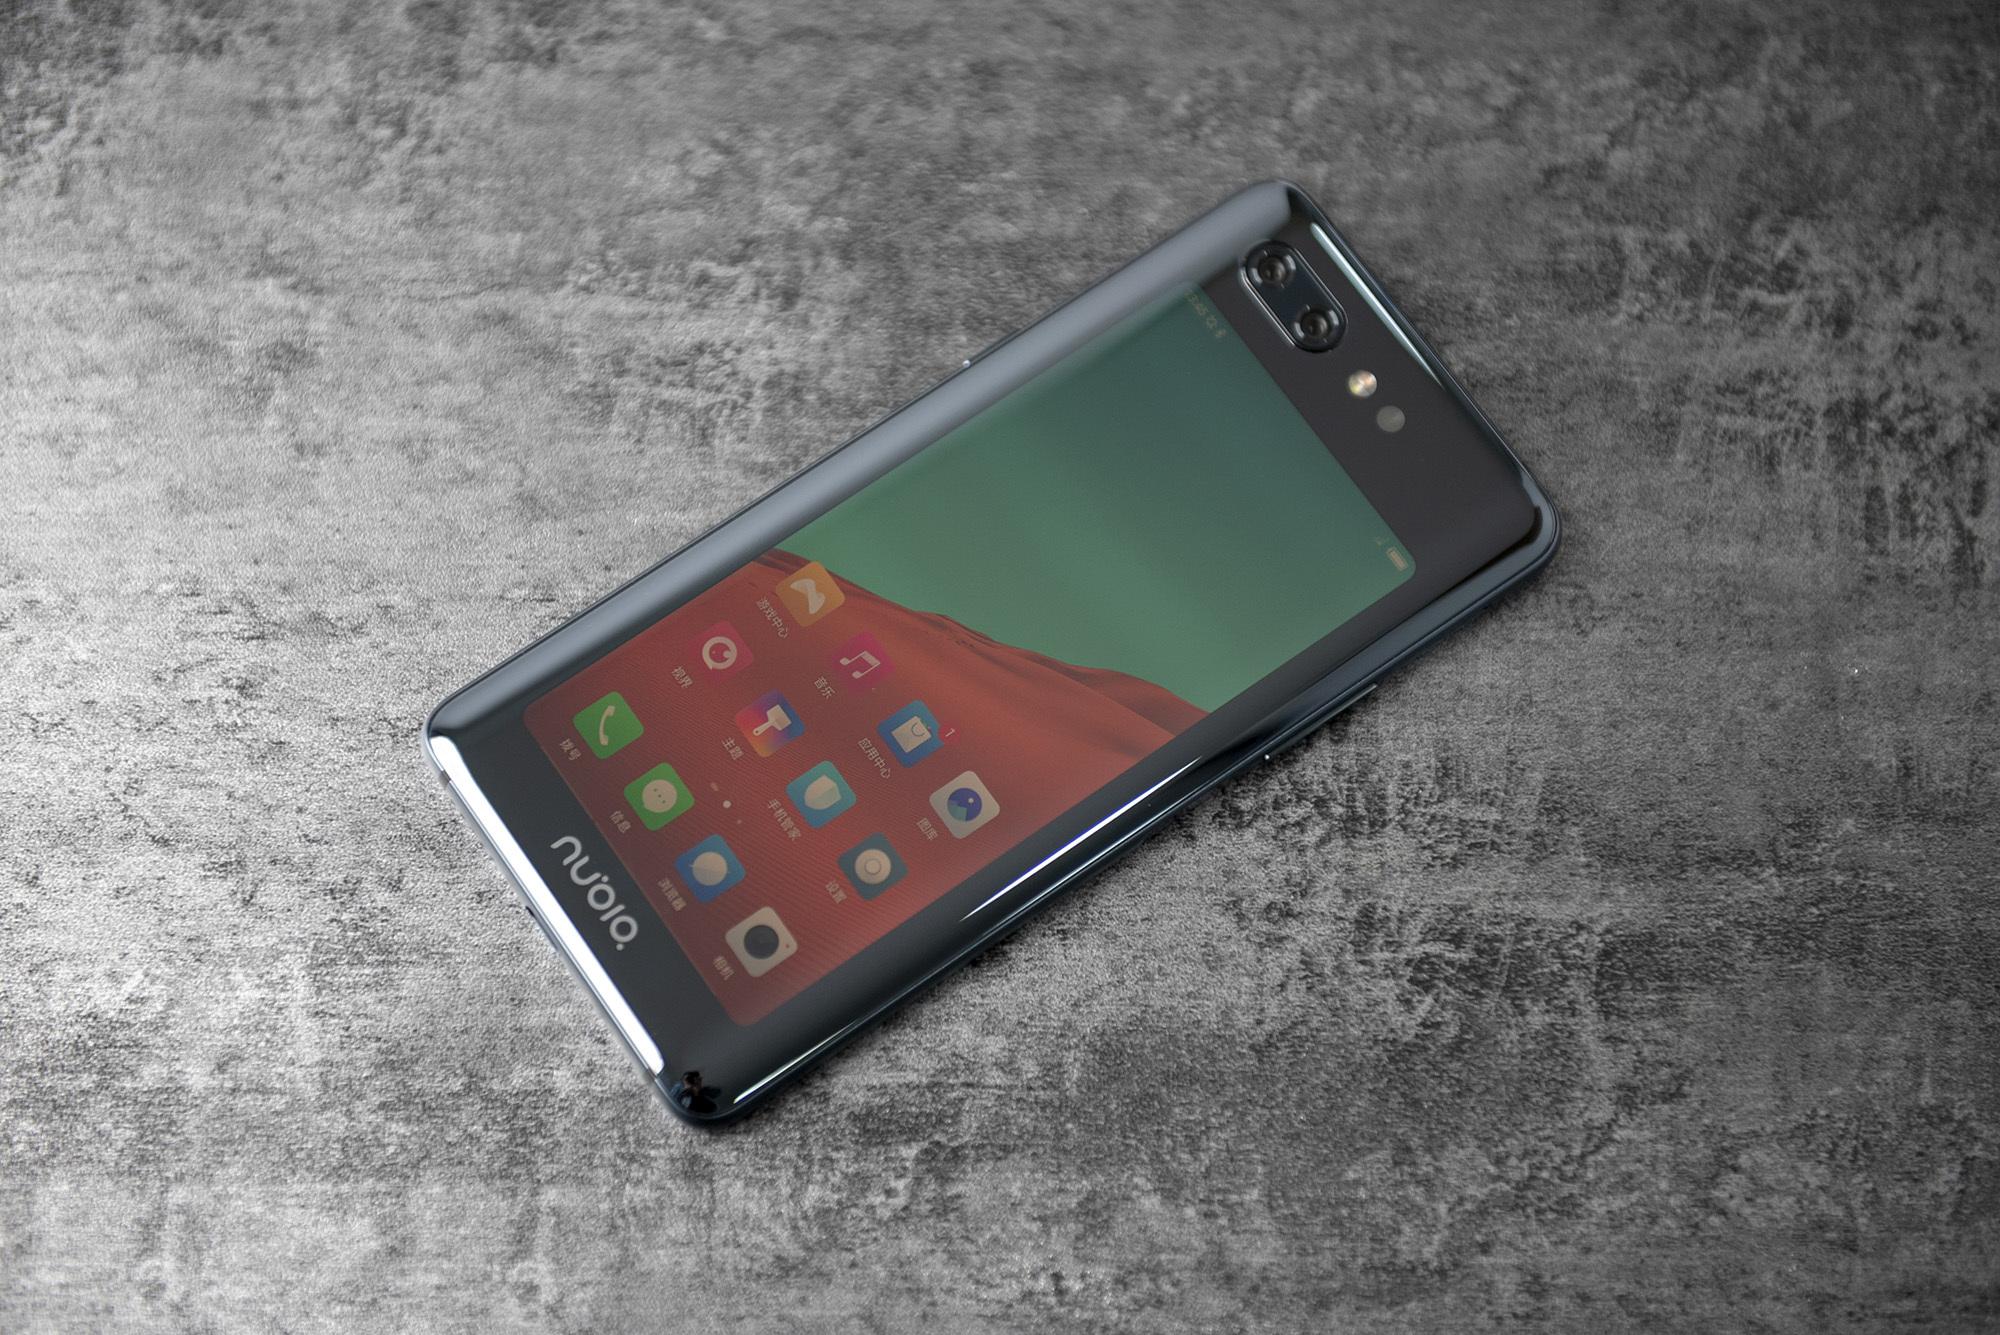 努比亚X上手体验:前后双屏手机真的好用吗?的照片 - 2